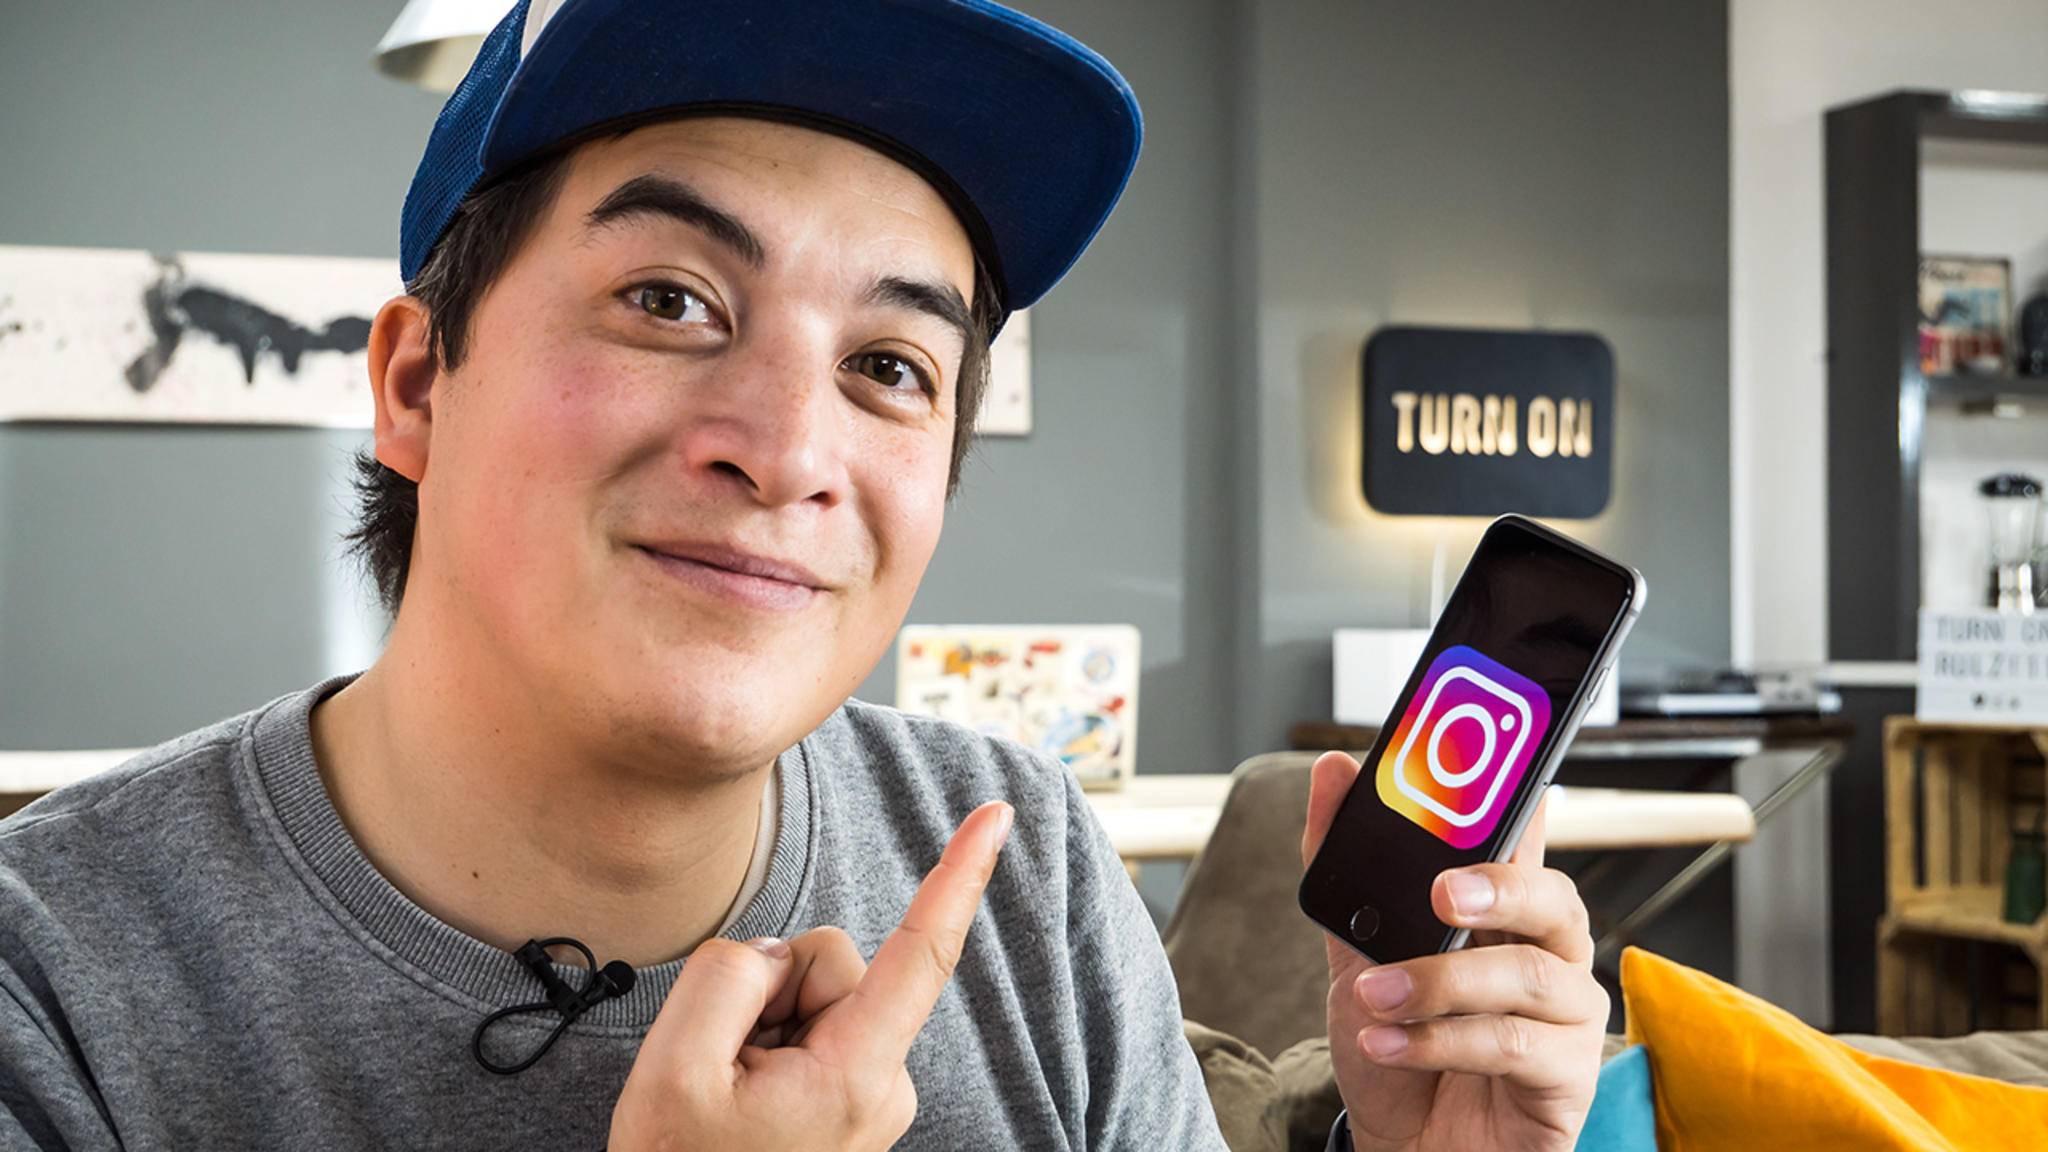 Kannst Du sehen, wer Dein Instagram-Profil besucht hat?